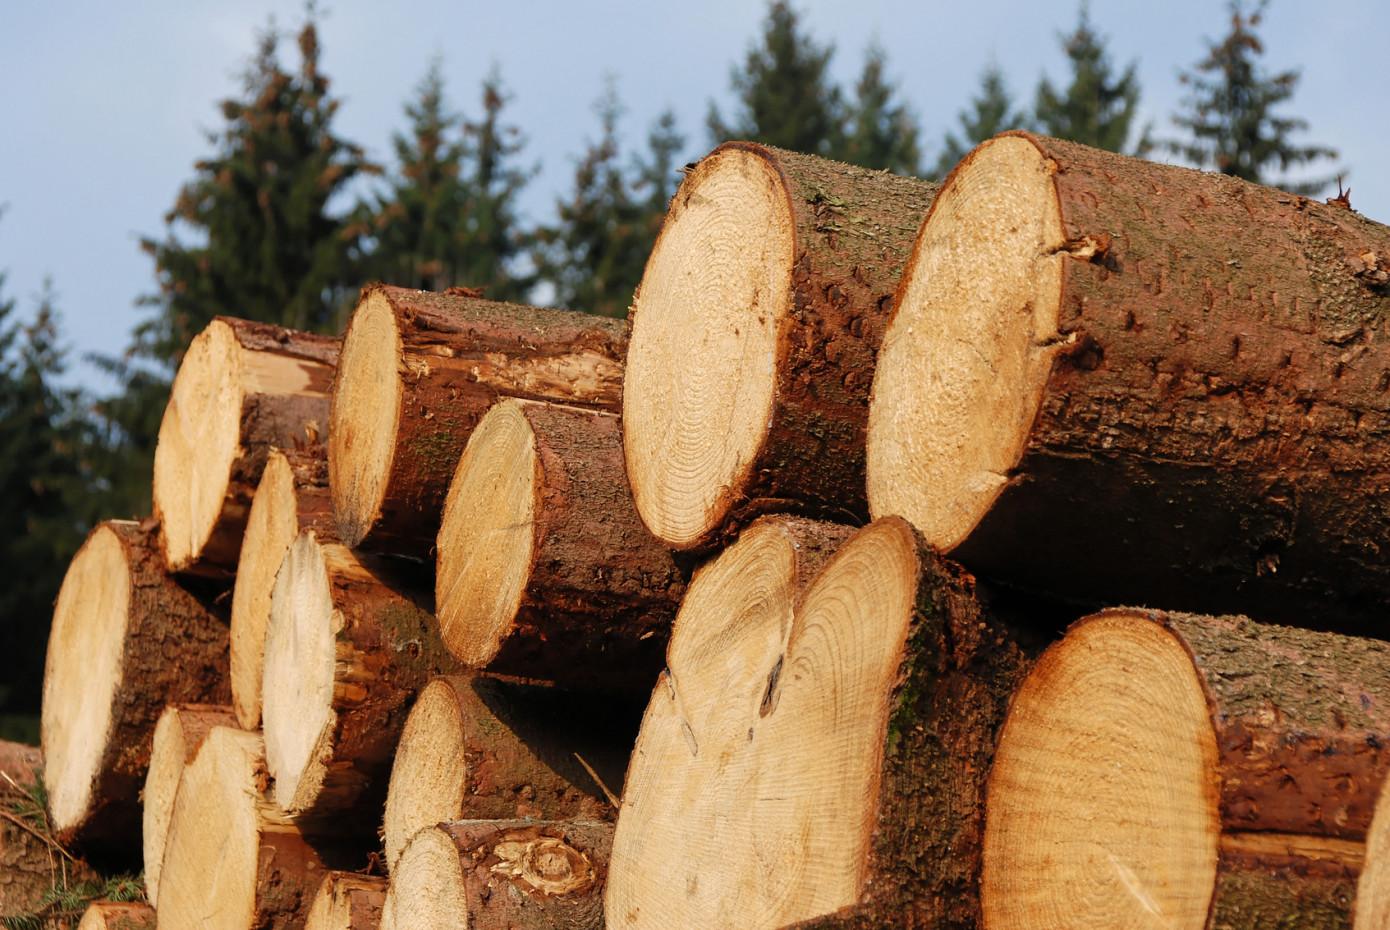 В 2019 г. Финляндия сократила заготовку древесины на 8%